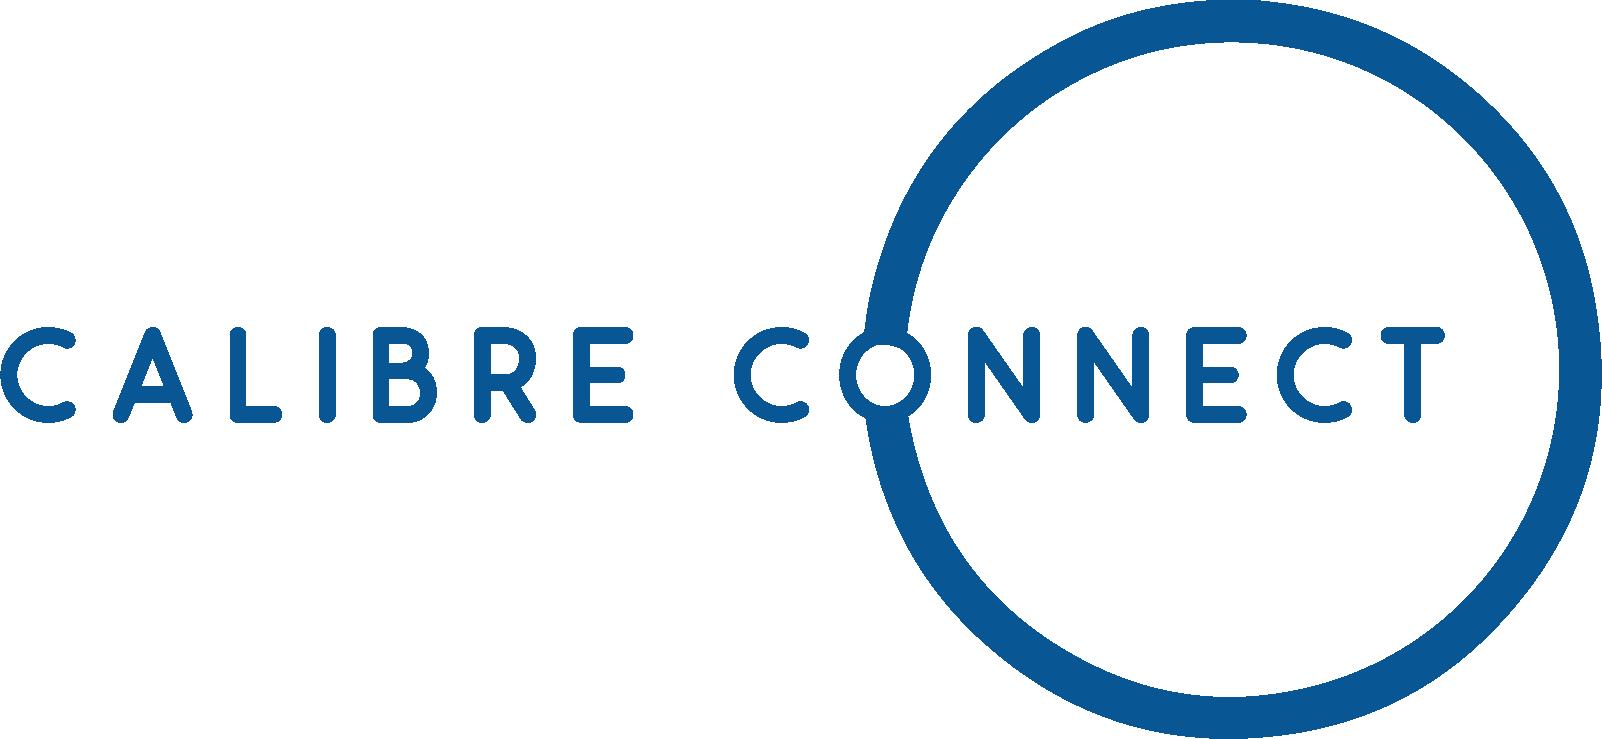 Calibre Connect